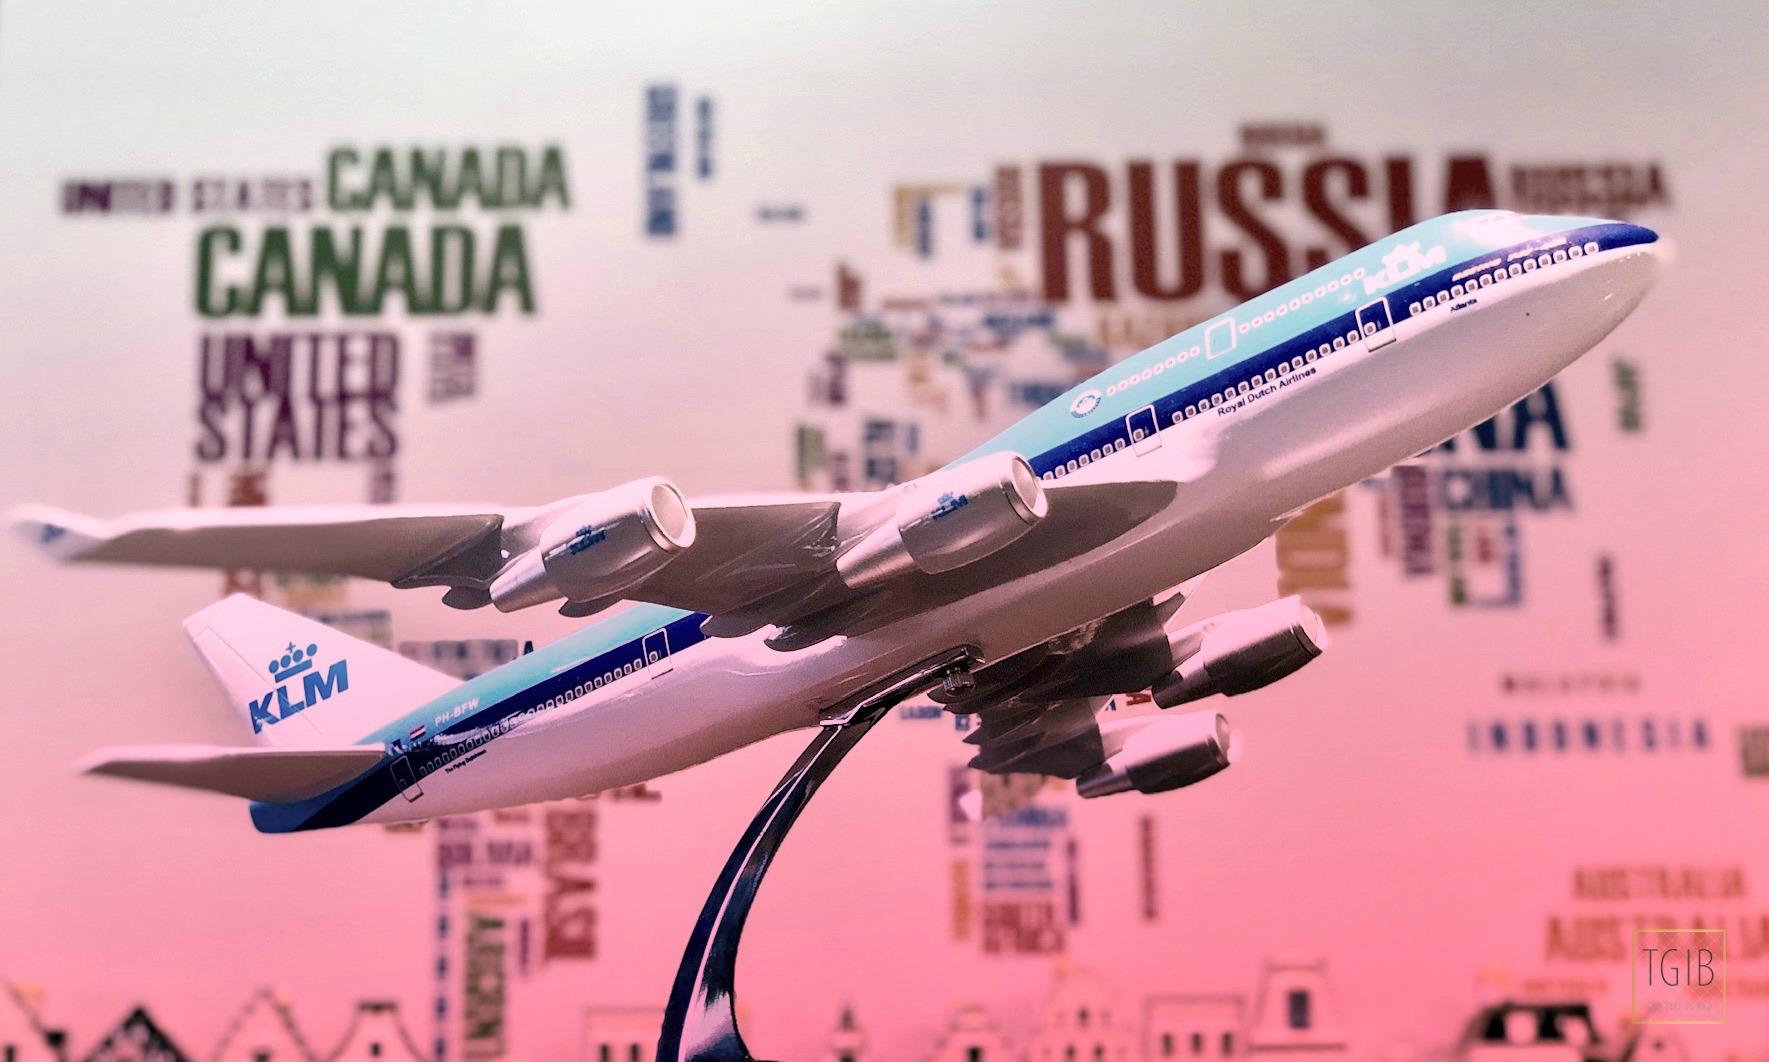 wereldkaart klm vliegtuig